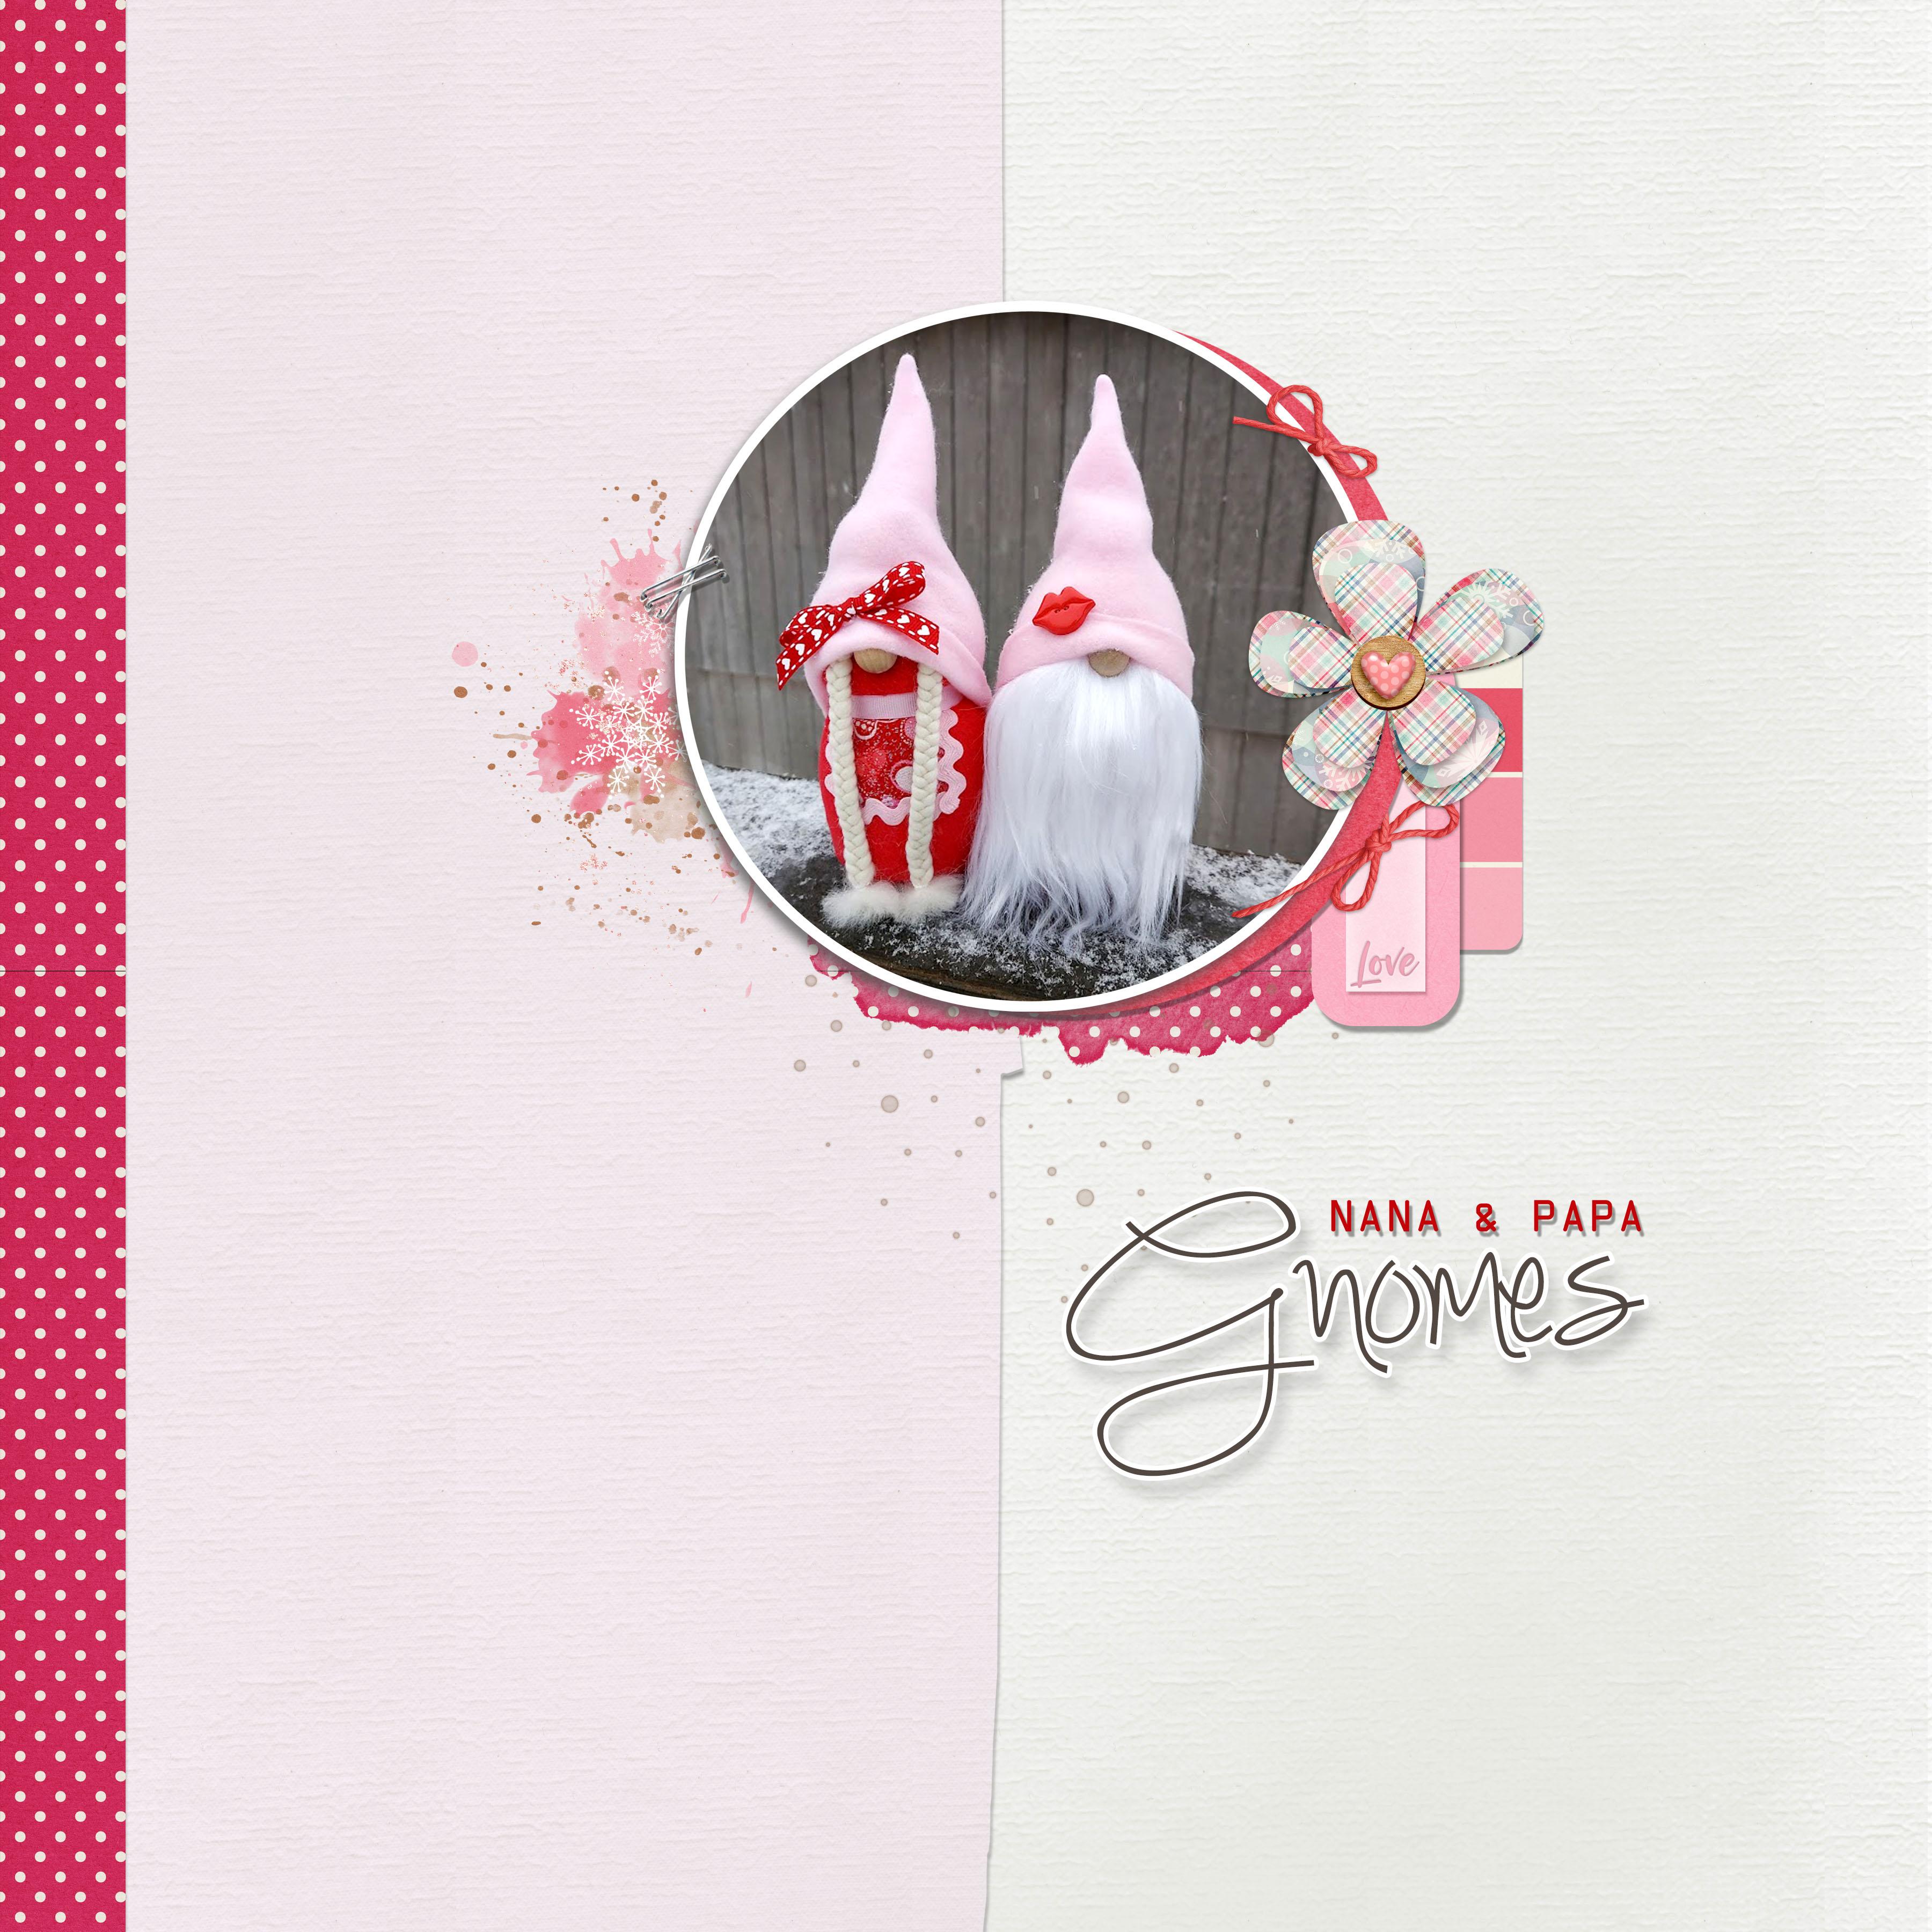 Nana & Papa Love Gnomes 2021.jpg